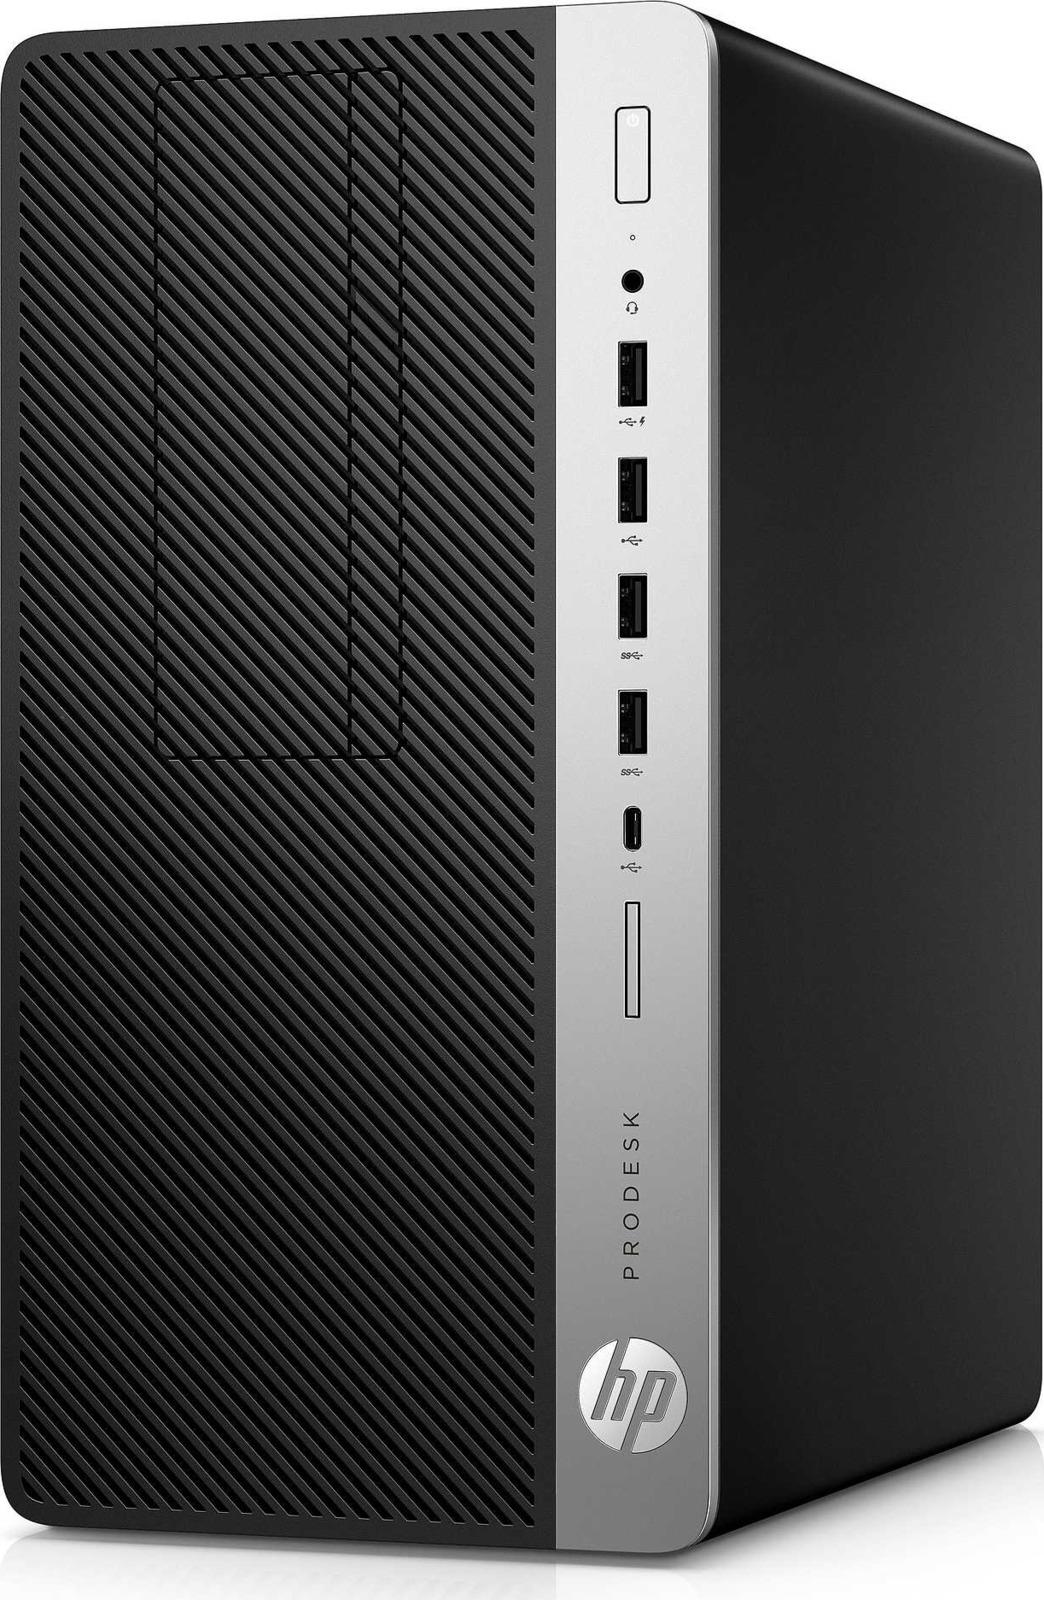 Системный блок HP ProDesk 400 G5 МТ, 4CZ28EA, черный